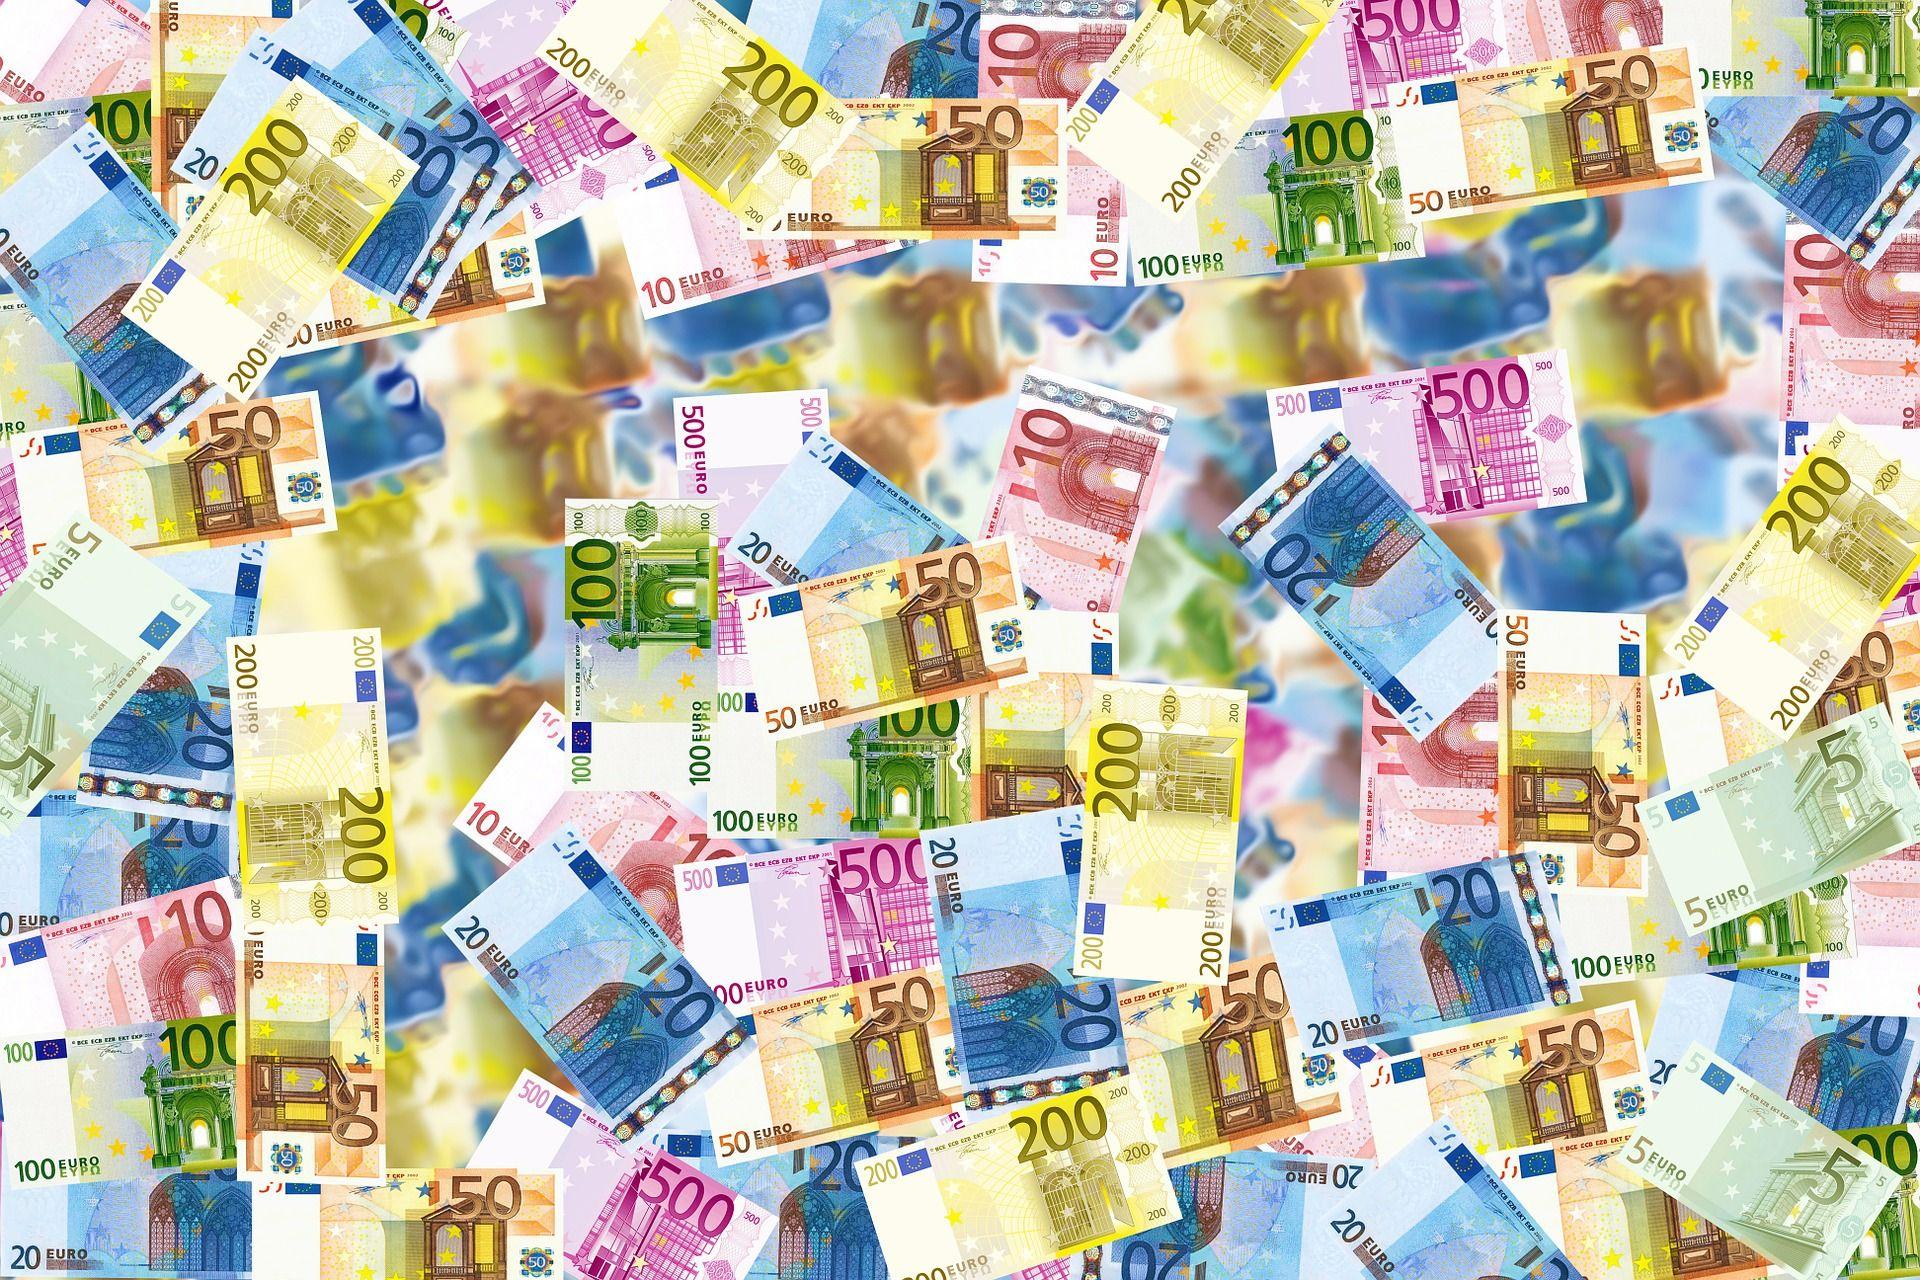 Euro-Geldscheine (pixabay.com; public domain)